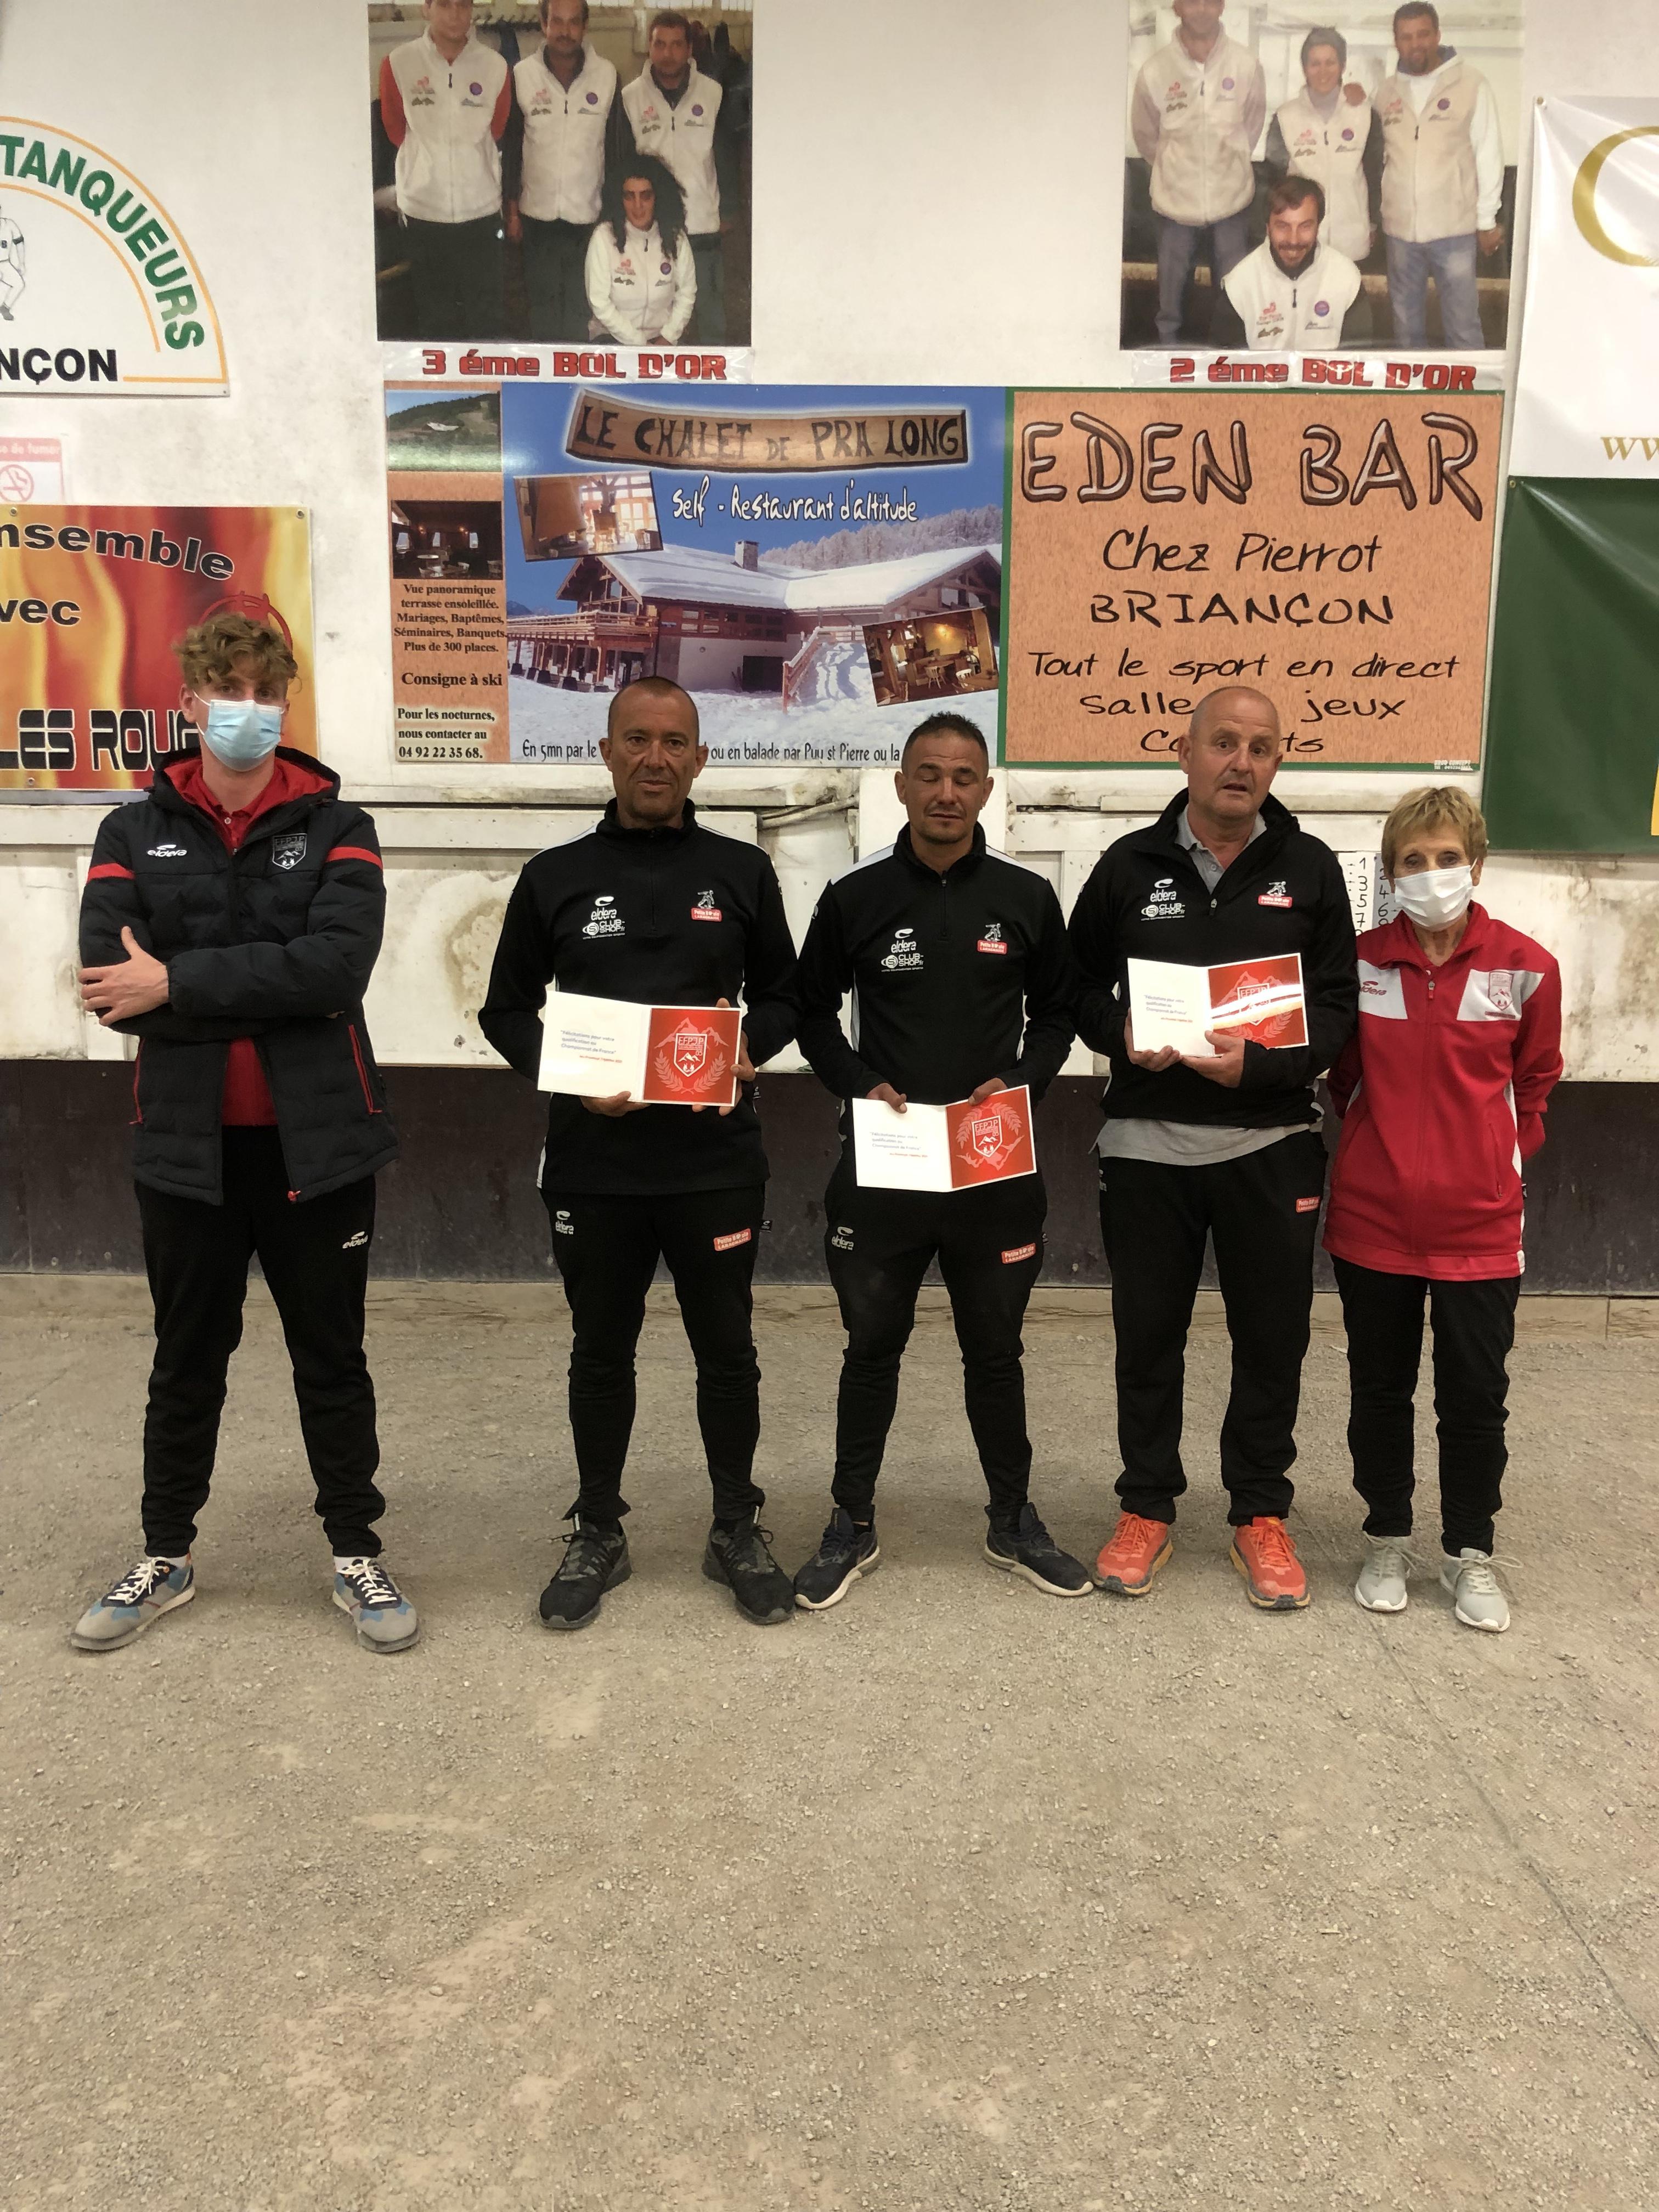 Qualifiés pour les championnats de France Triplette Jeu-Provençal